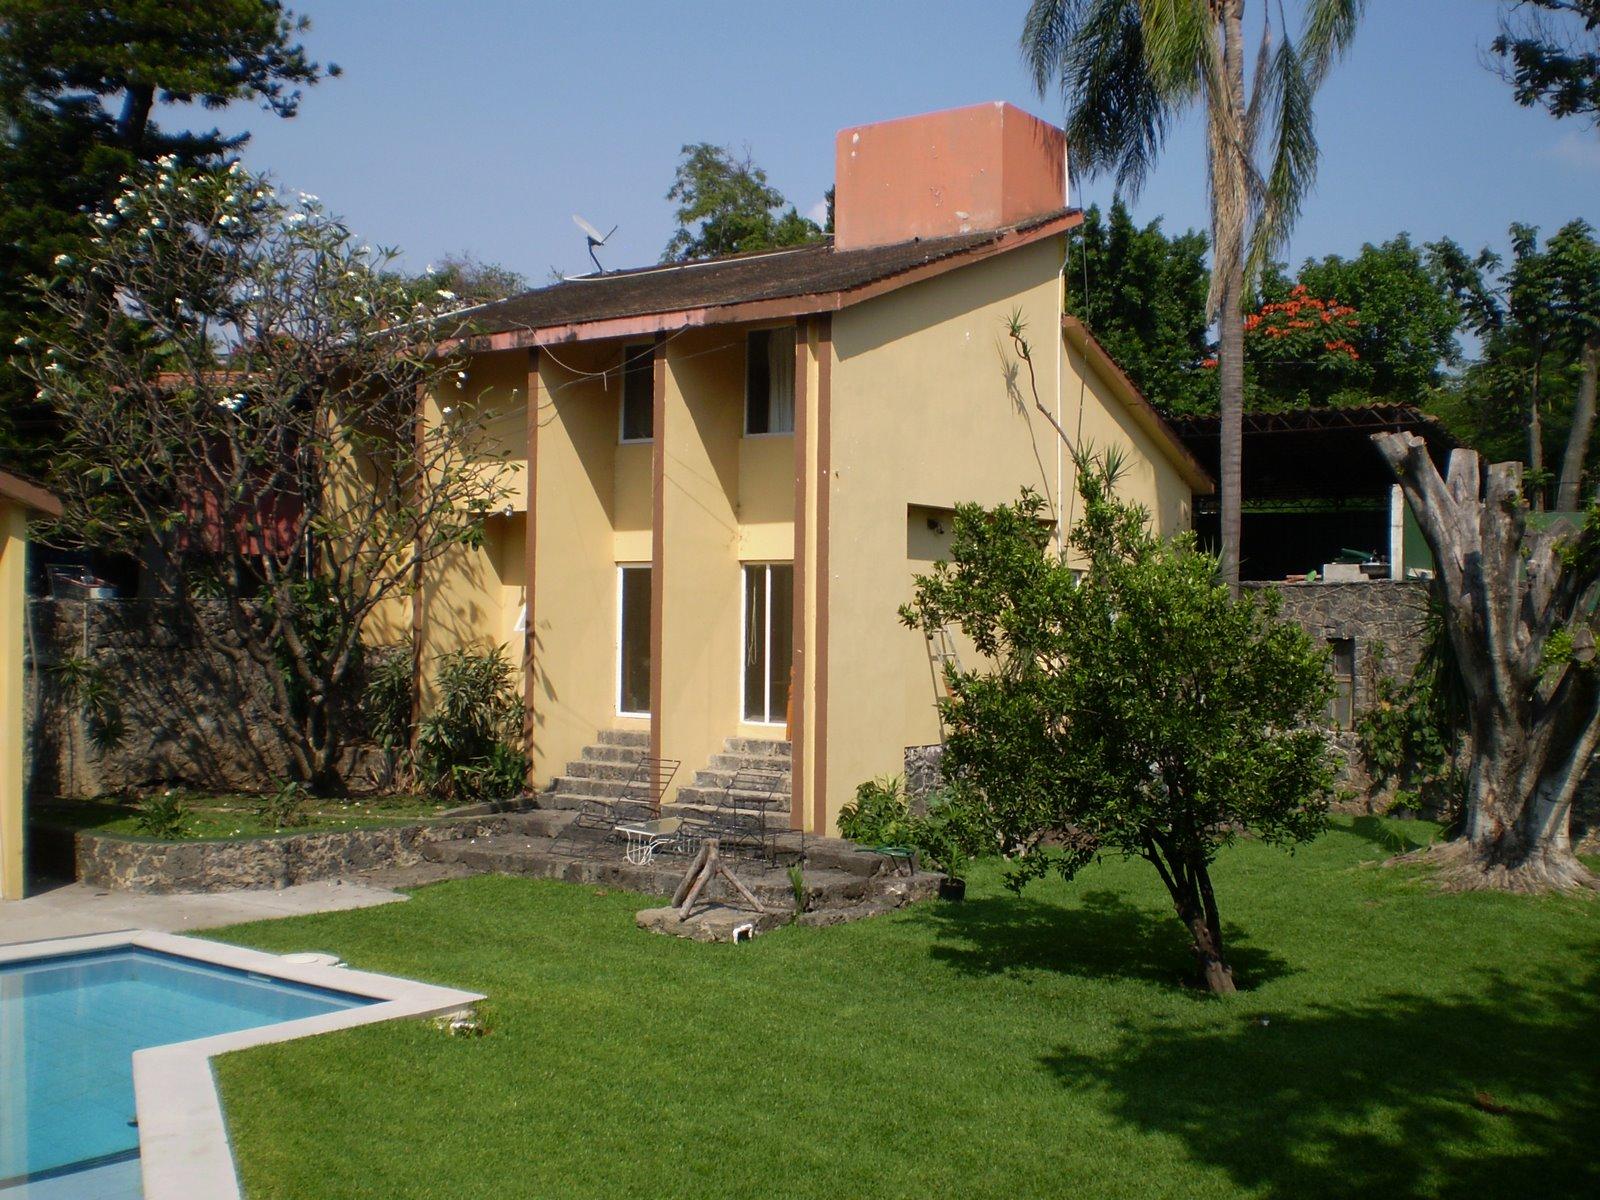 Fotos de casas en cuernavaca morelos 51